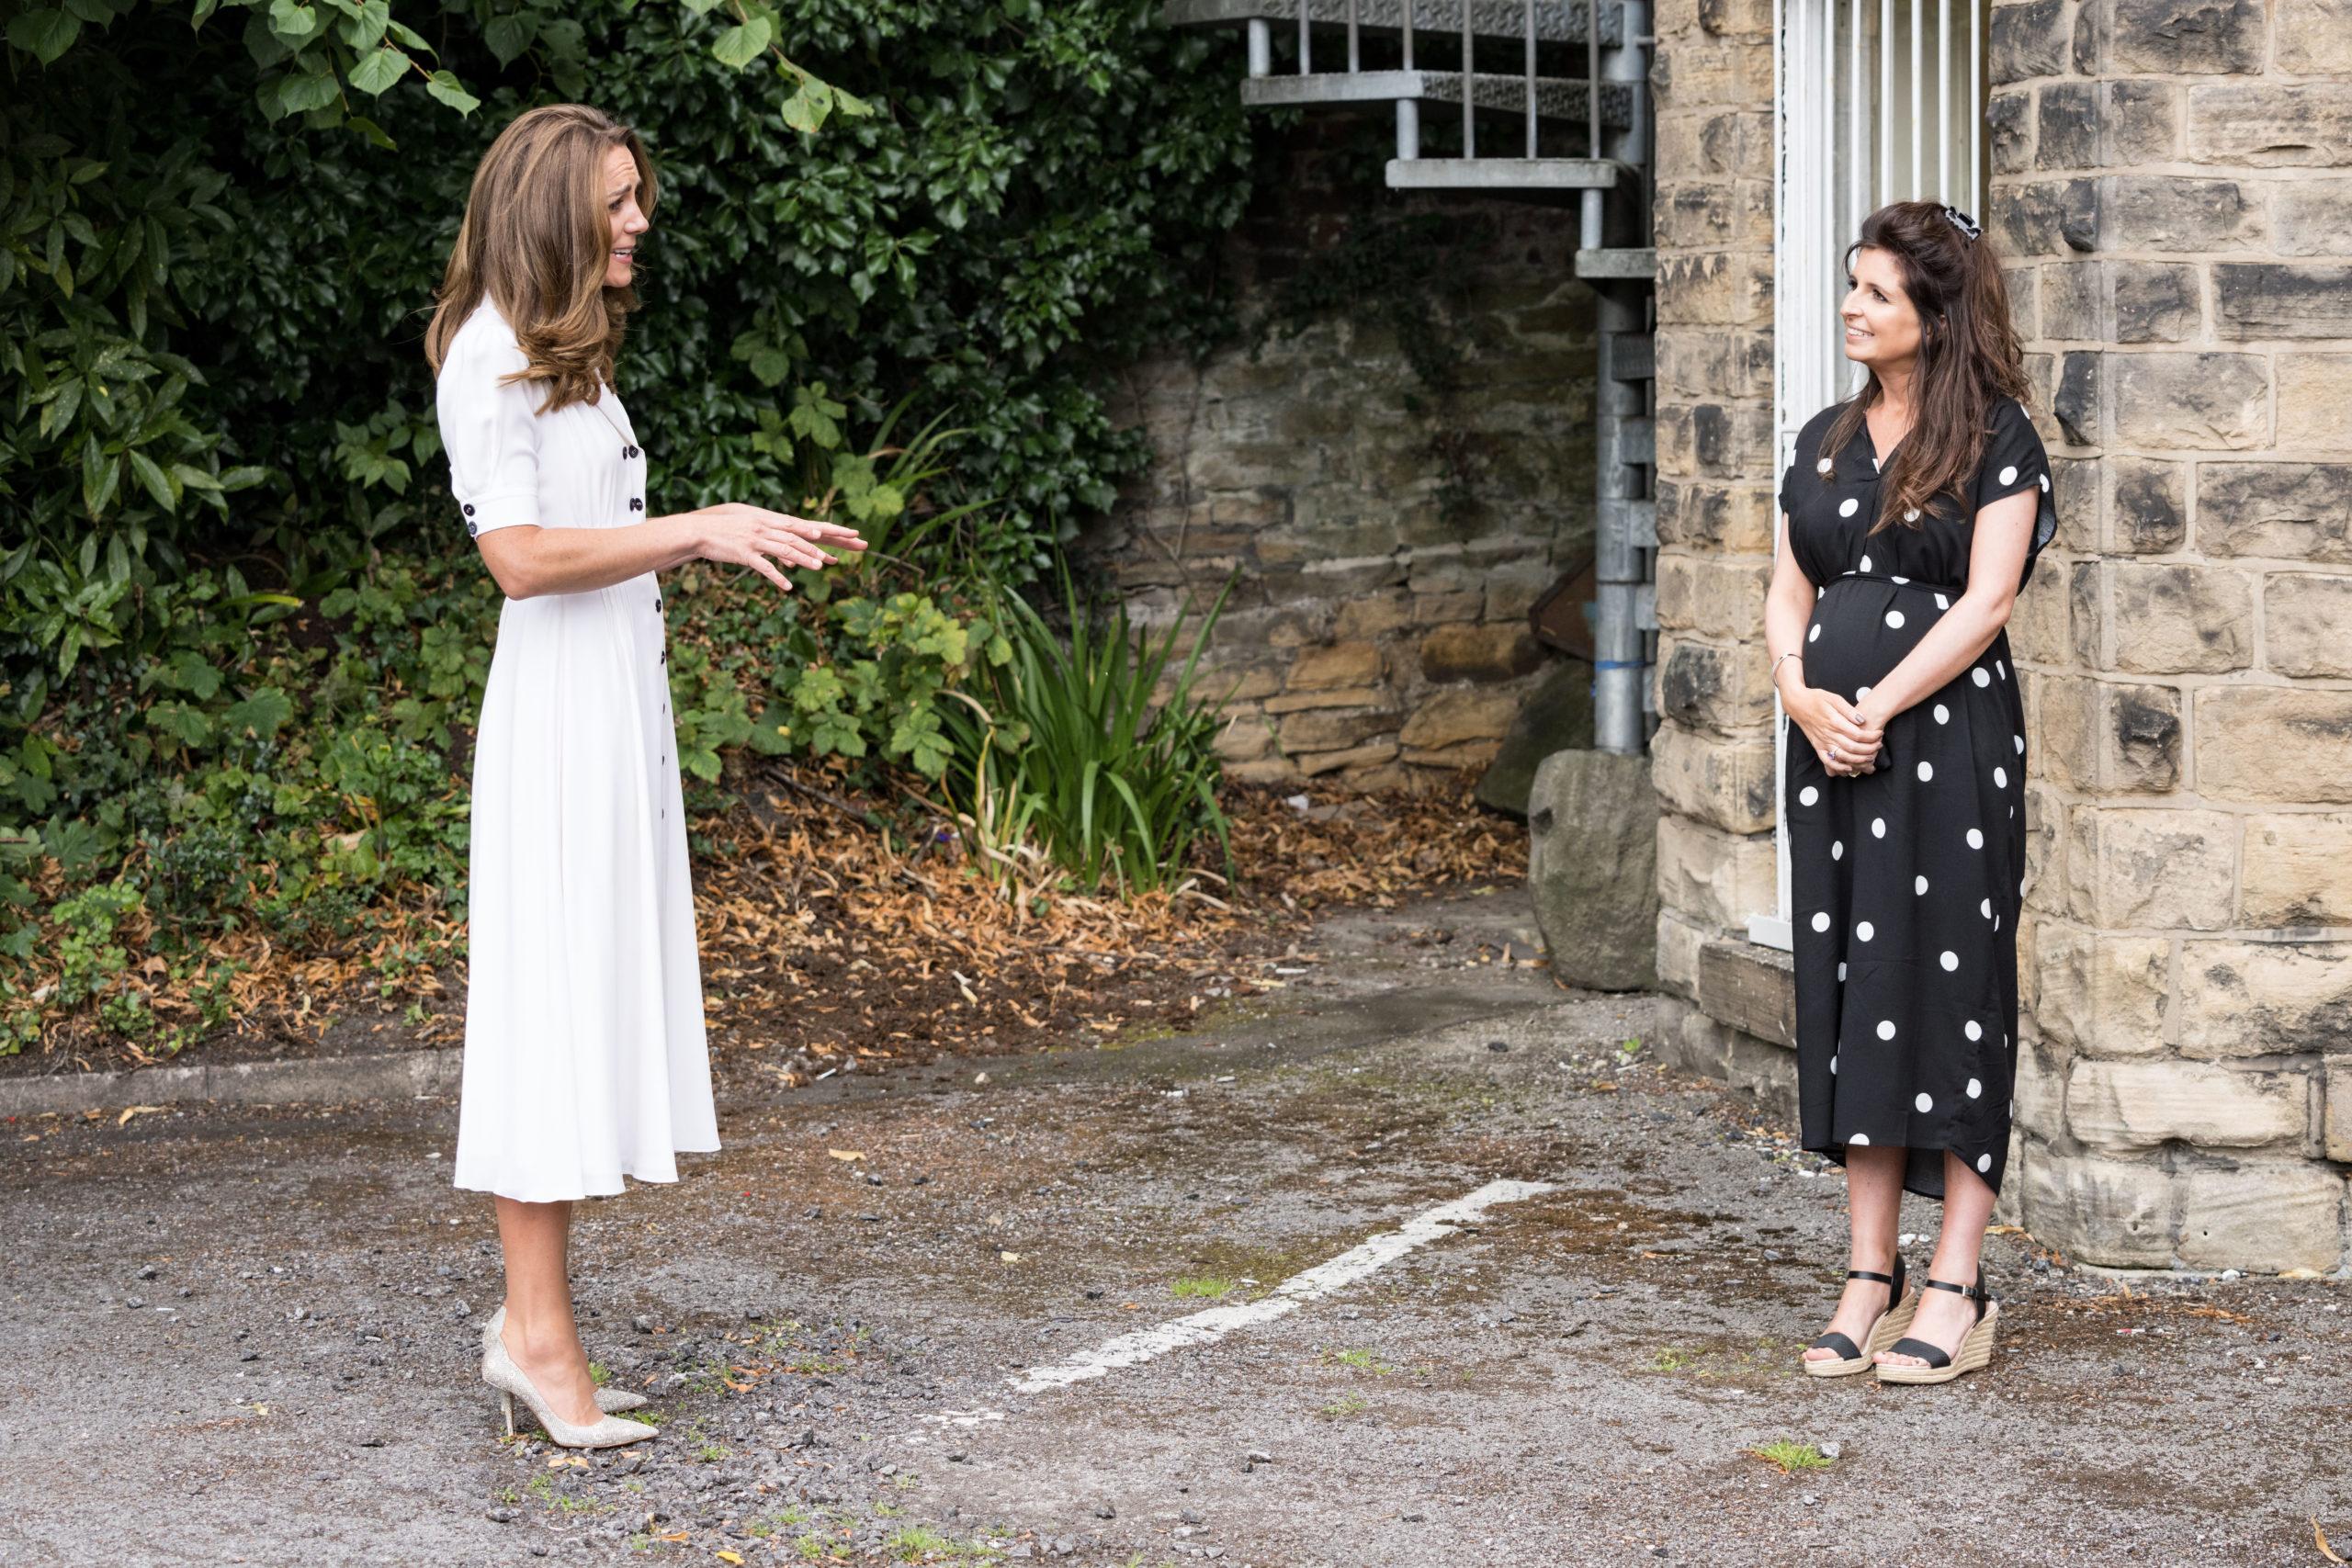 The Duchess of Cambridge meeting AberNecessities CEO Danielle Flecher-Horn.